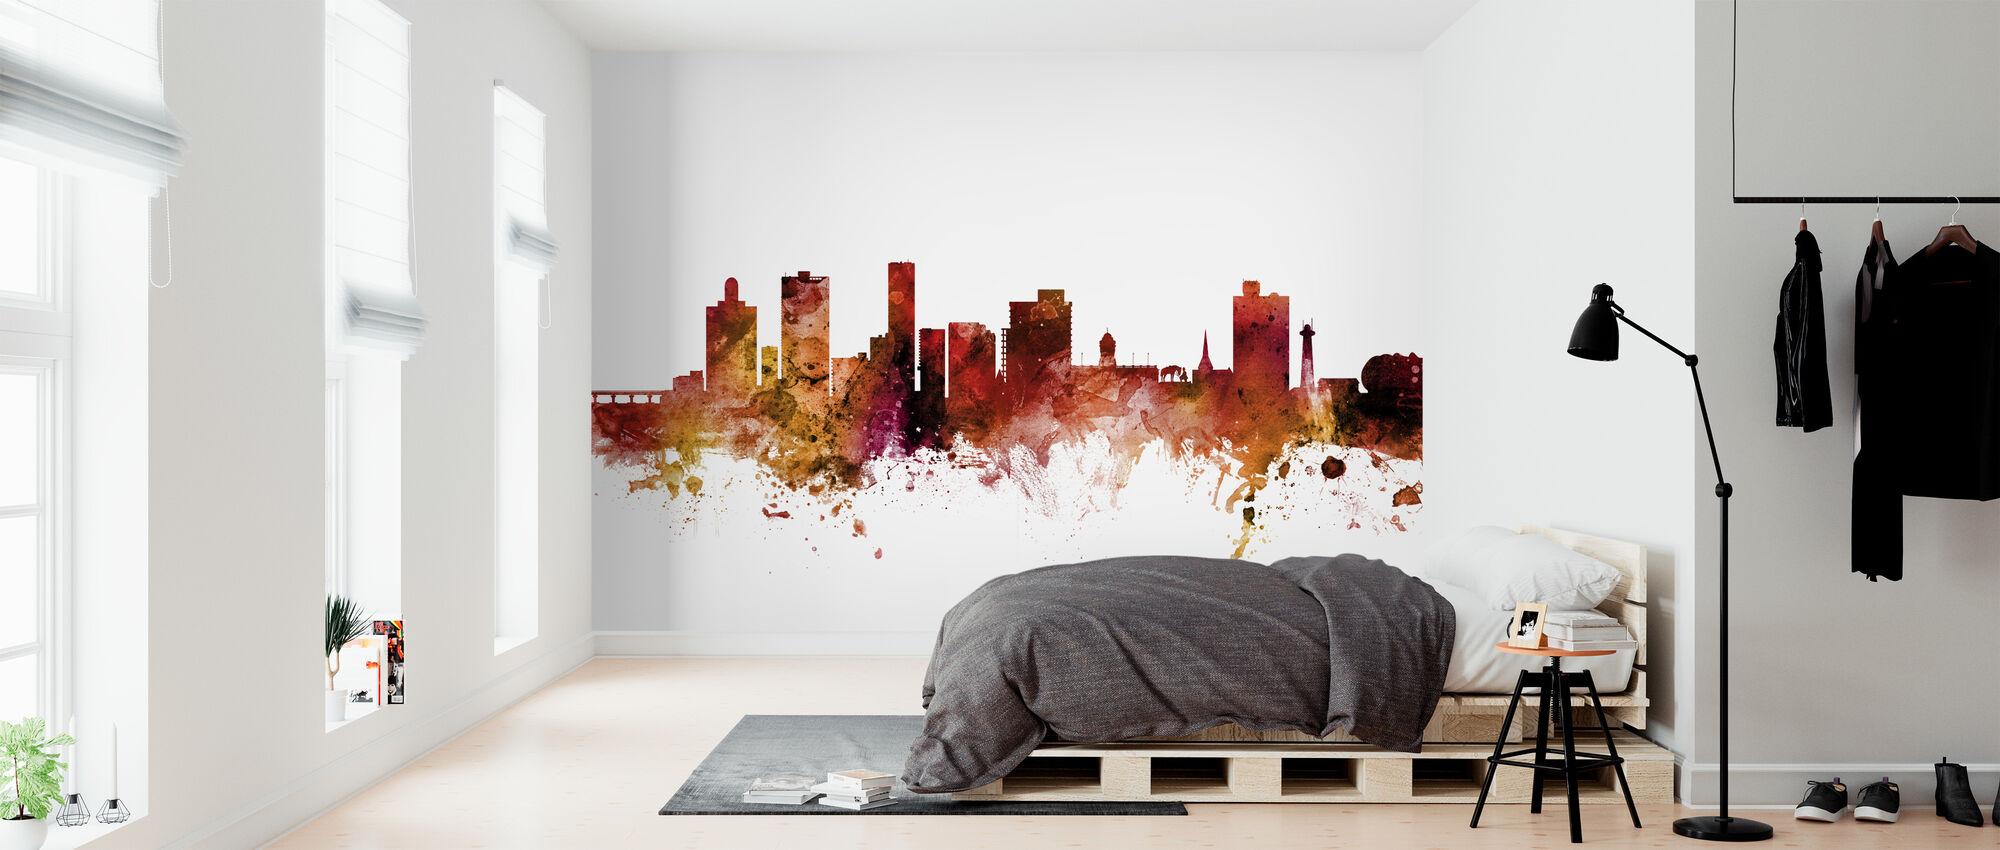 Port Elizabeth South Africa Skyline - Wallpaper - Bedroom